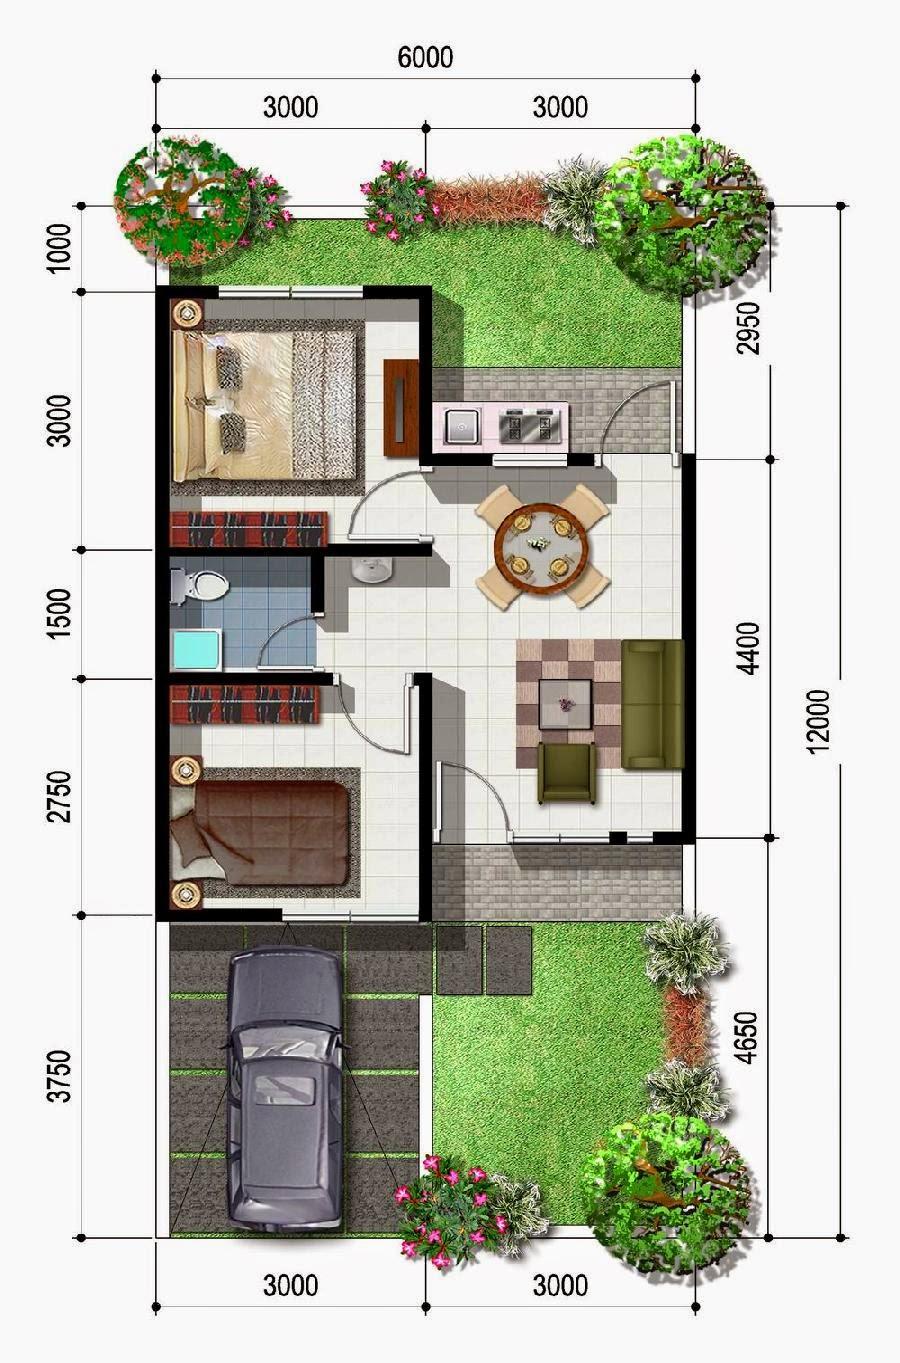 Kumpulan Gambar Denah Rumah Minimalis Modern Tren 2014  Trend 2015